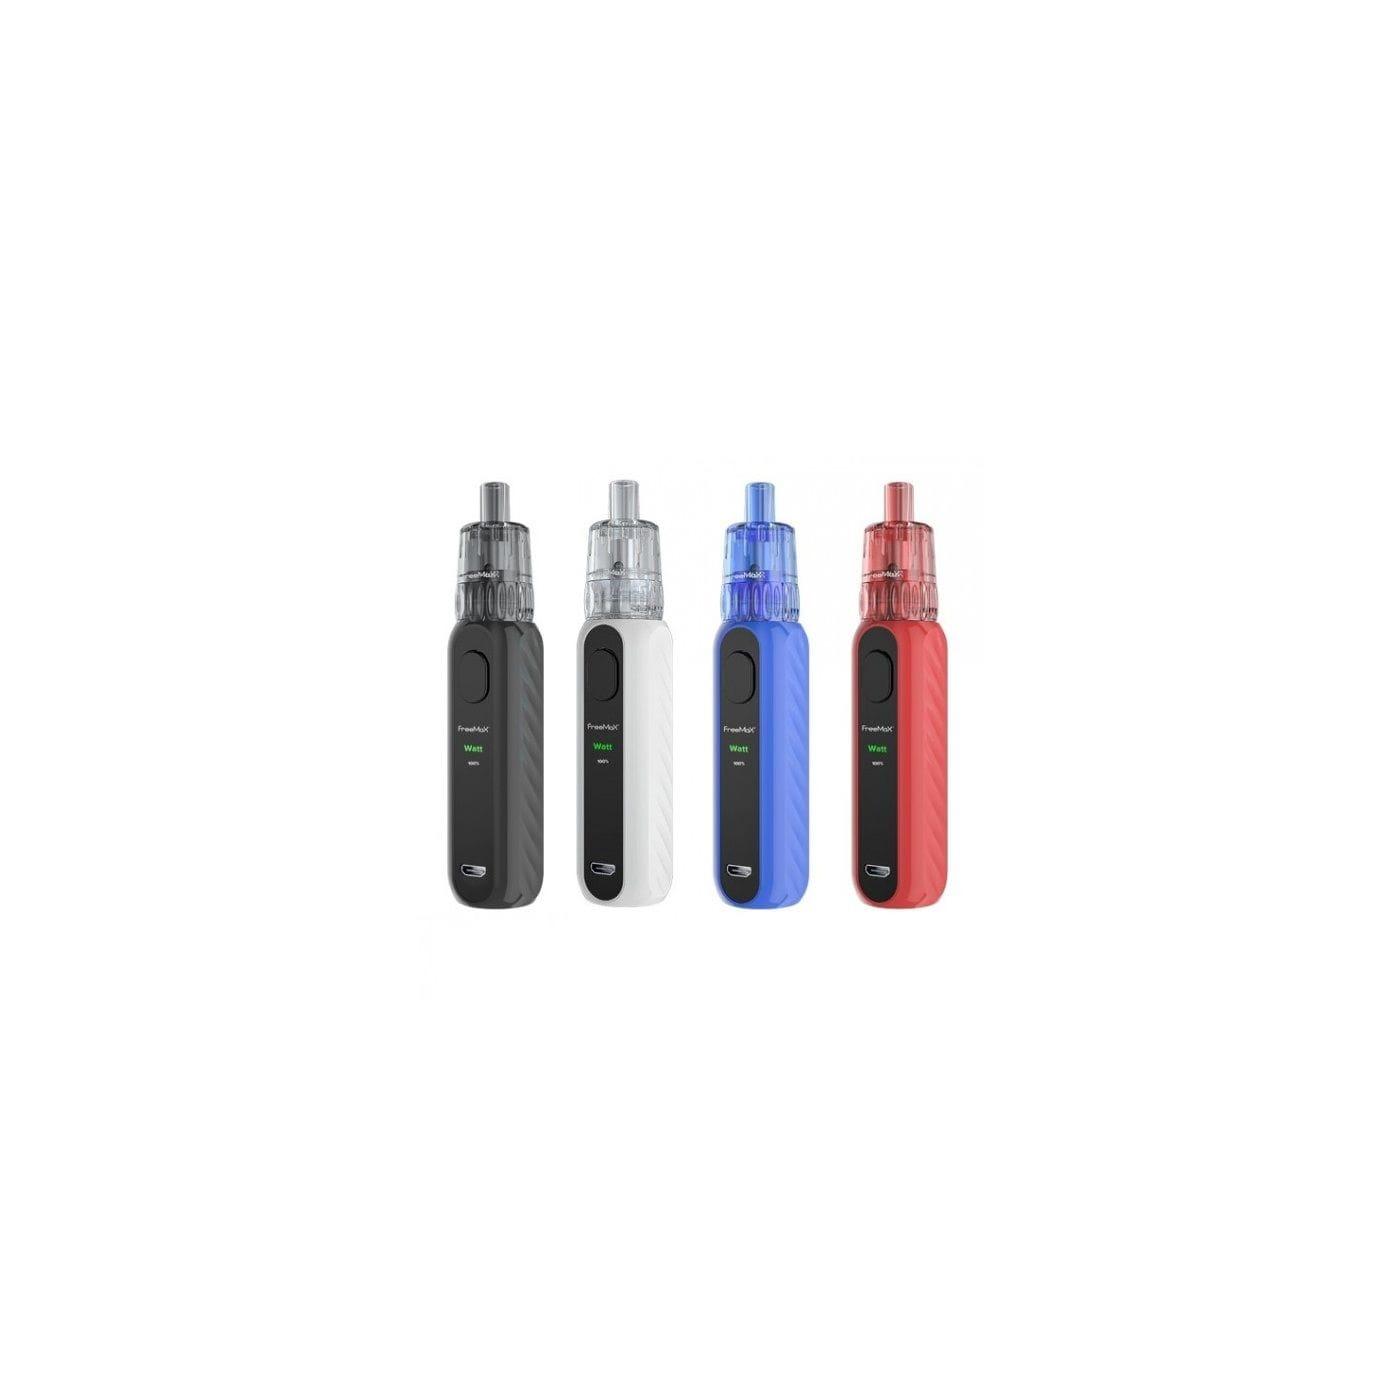 Freemax GEMM 25W Pod Mod Kit